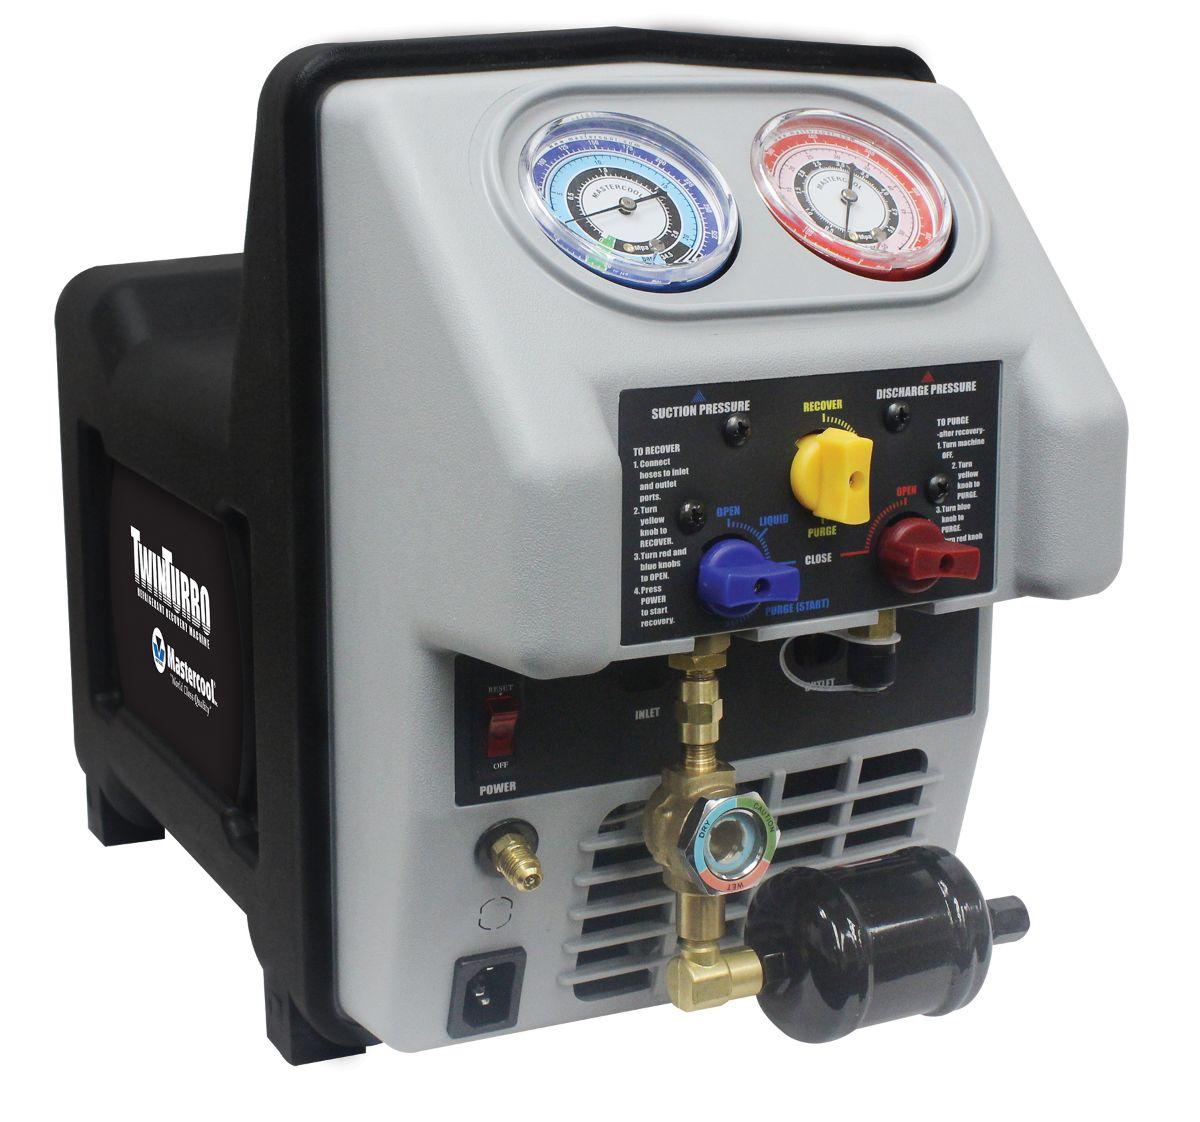 RECOLHEDORA De Recuperação De Refrigerante Twin Turbo 69350 220